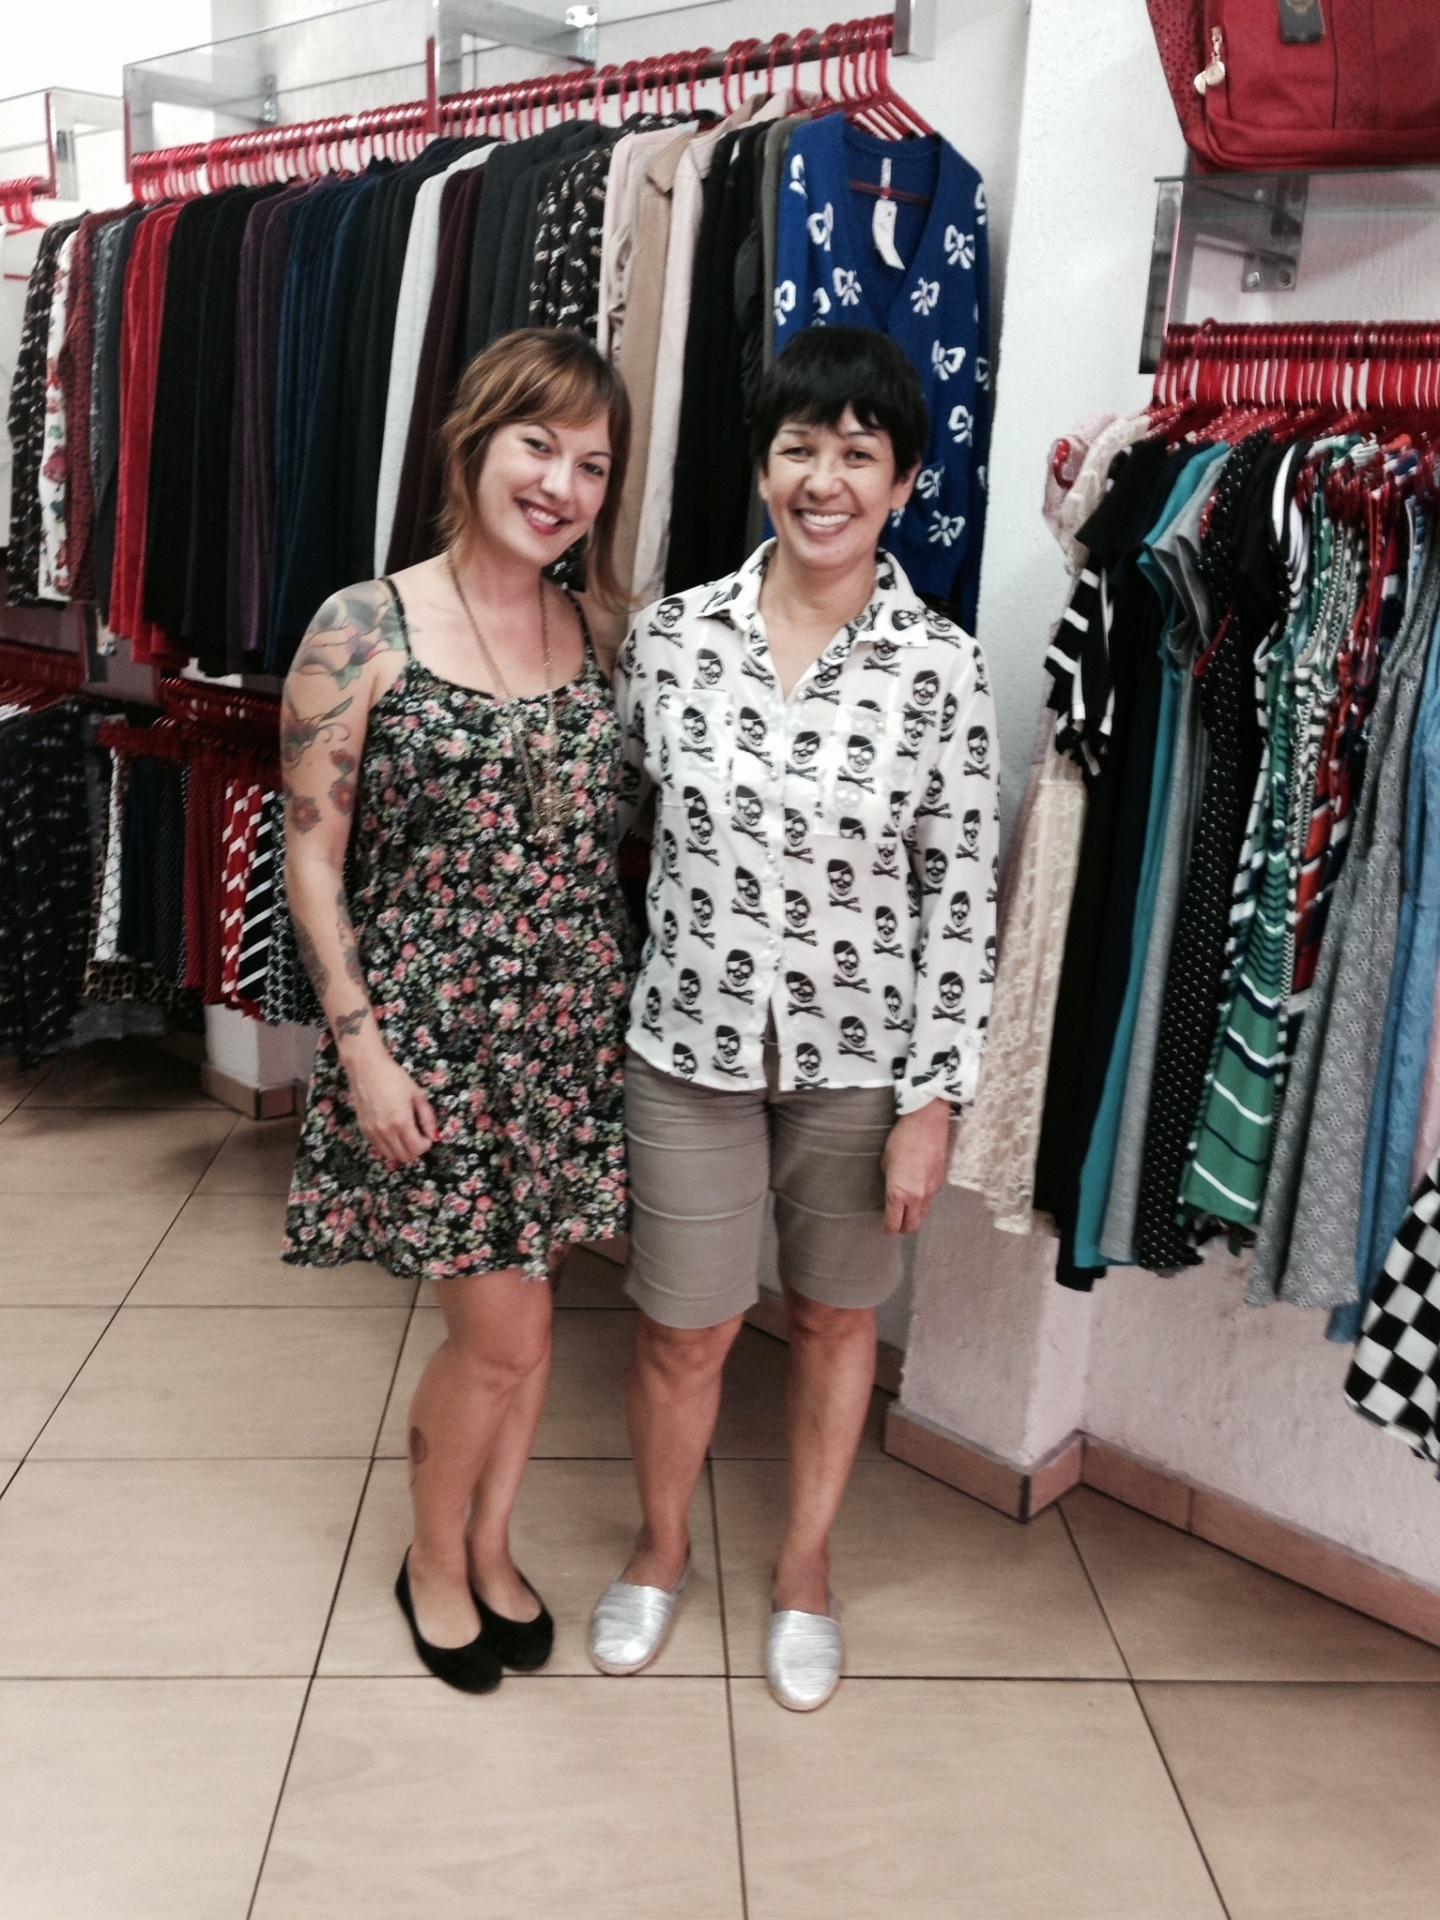 d73c11058f0 Paixão das mães por costura e cozinha vira negócio para as filhas -  09 05 2014 - UOL Economia